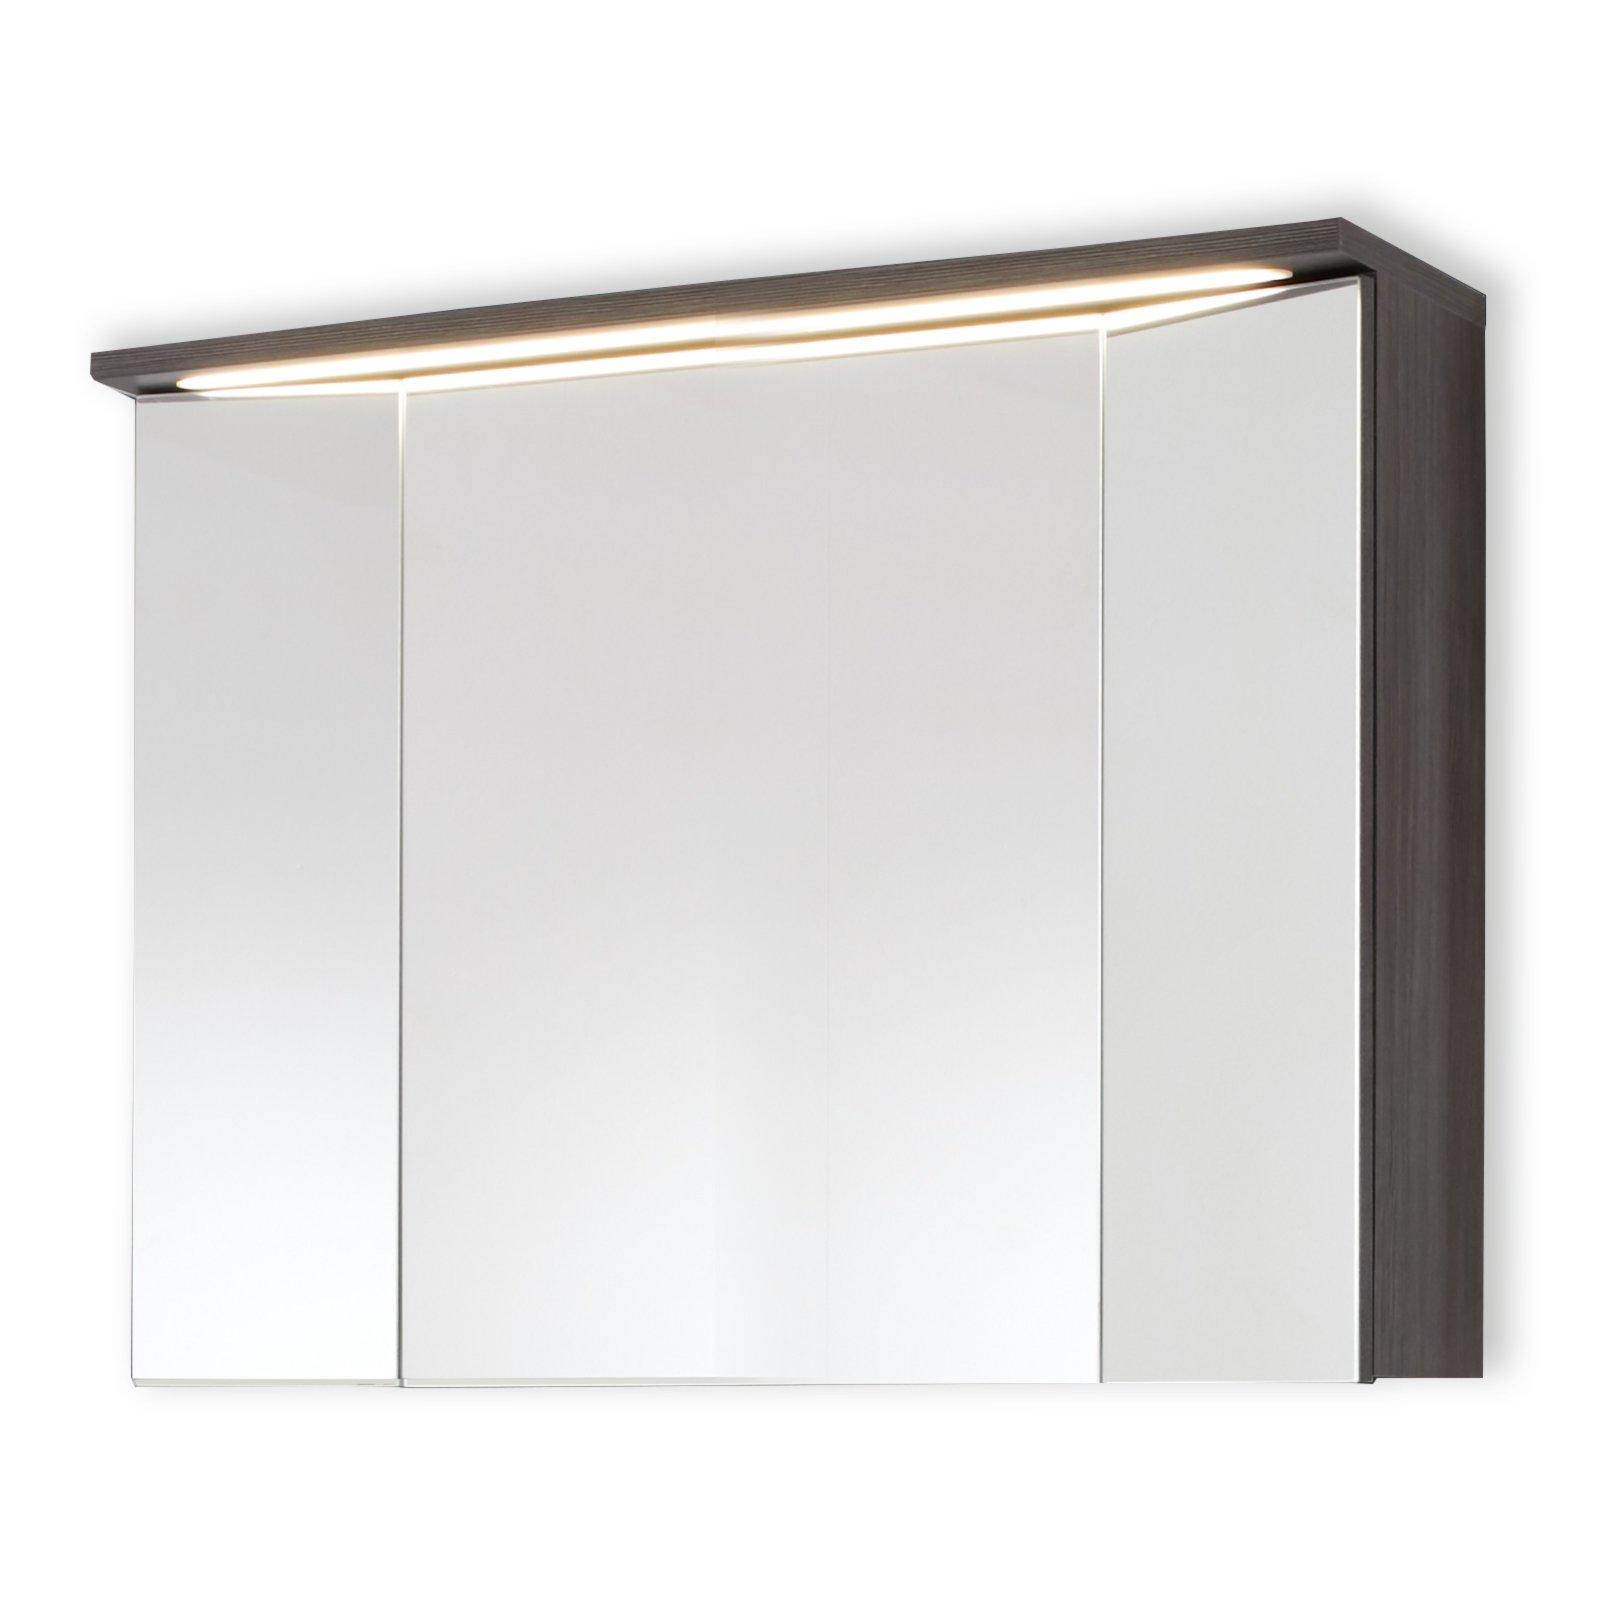 spiegelschrank adamo sardegna rauchsilber beleuchtung. Black Bedroom Furniture Sets. Home Design Ideas